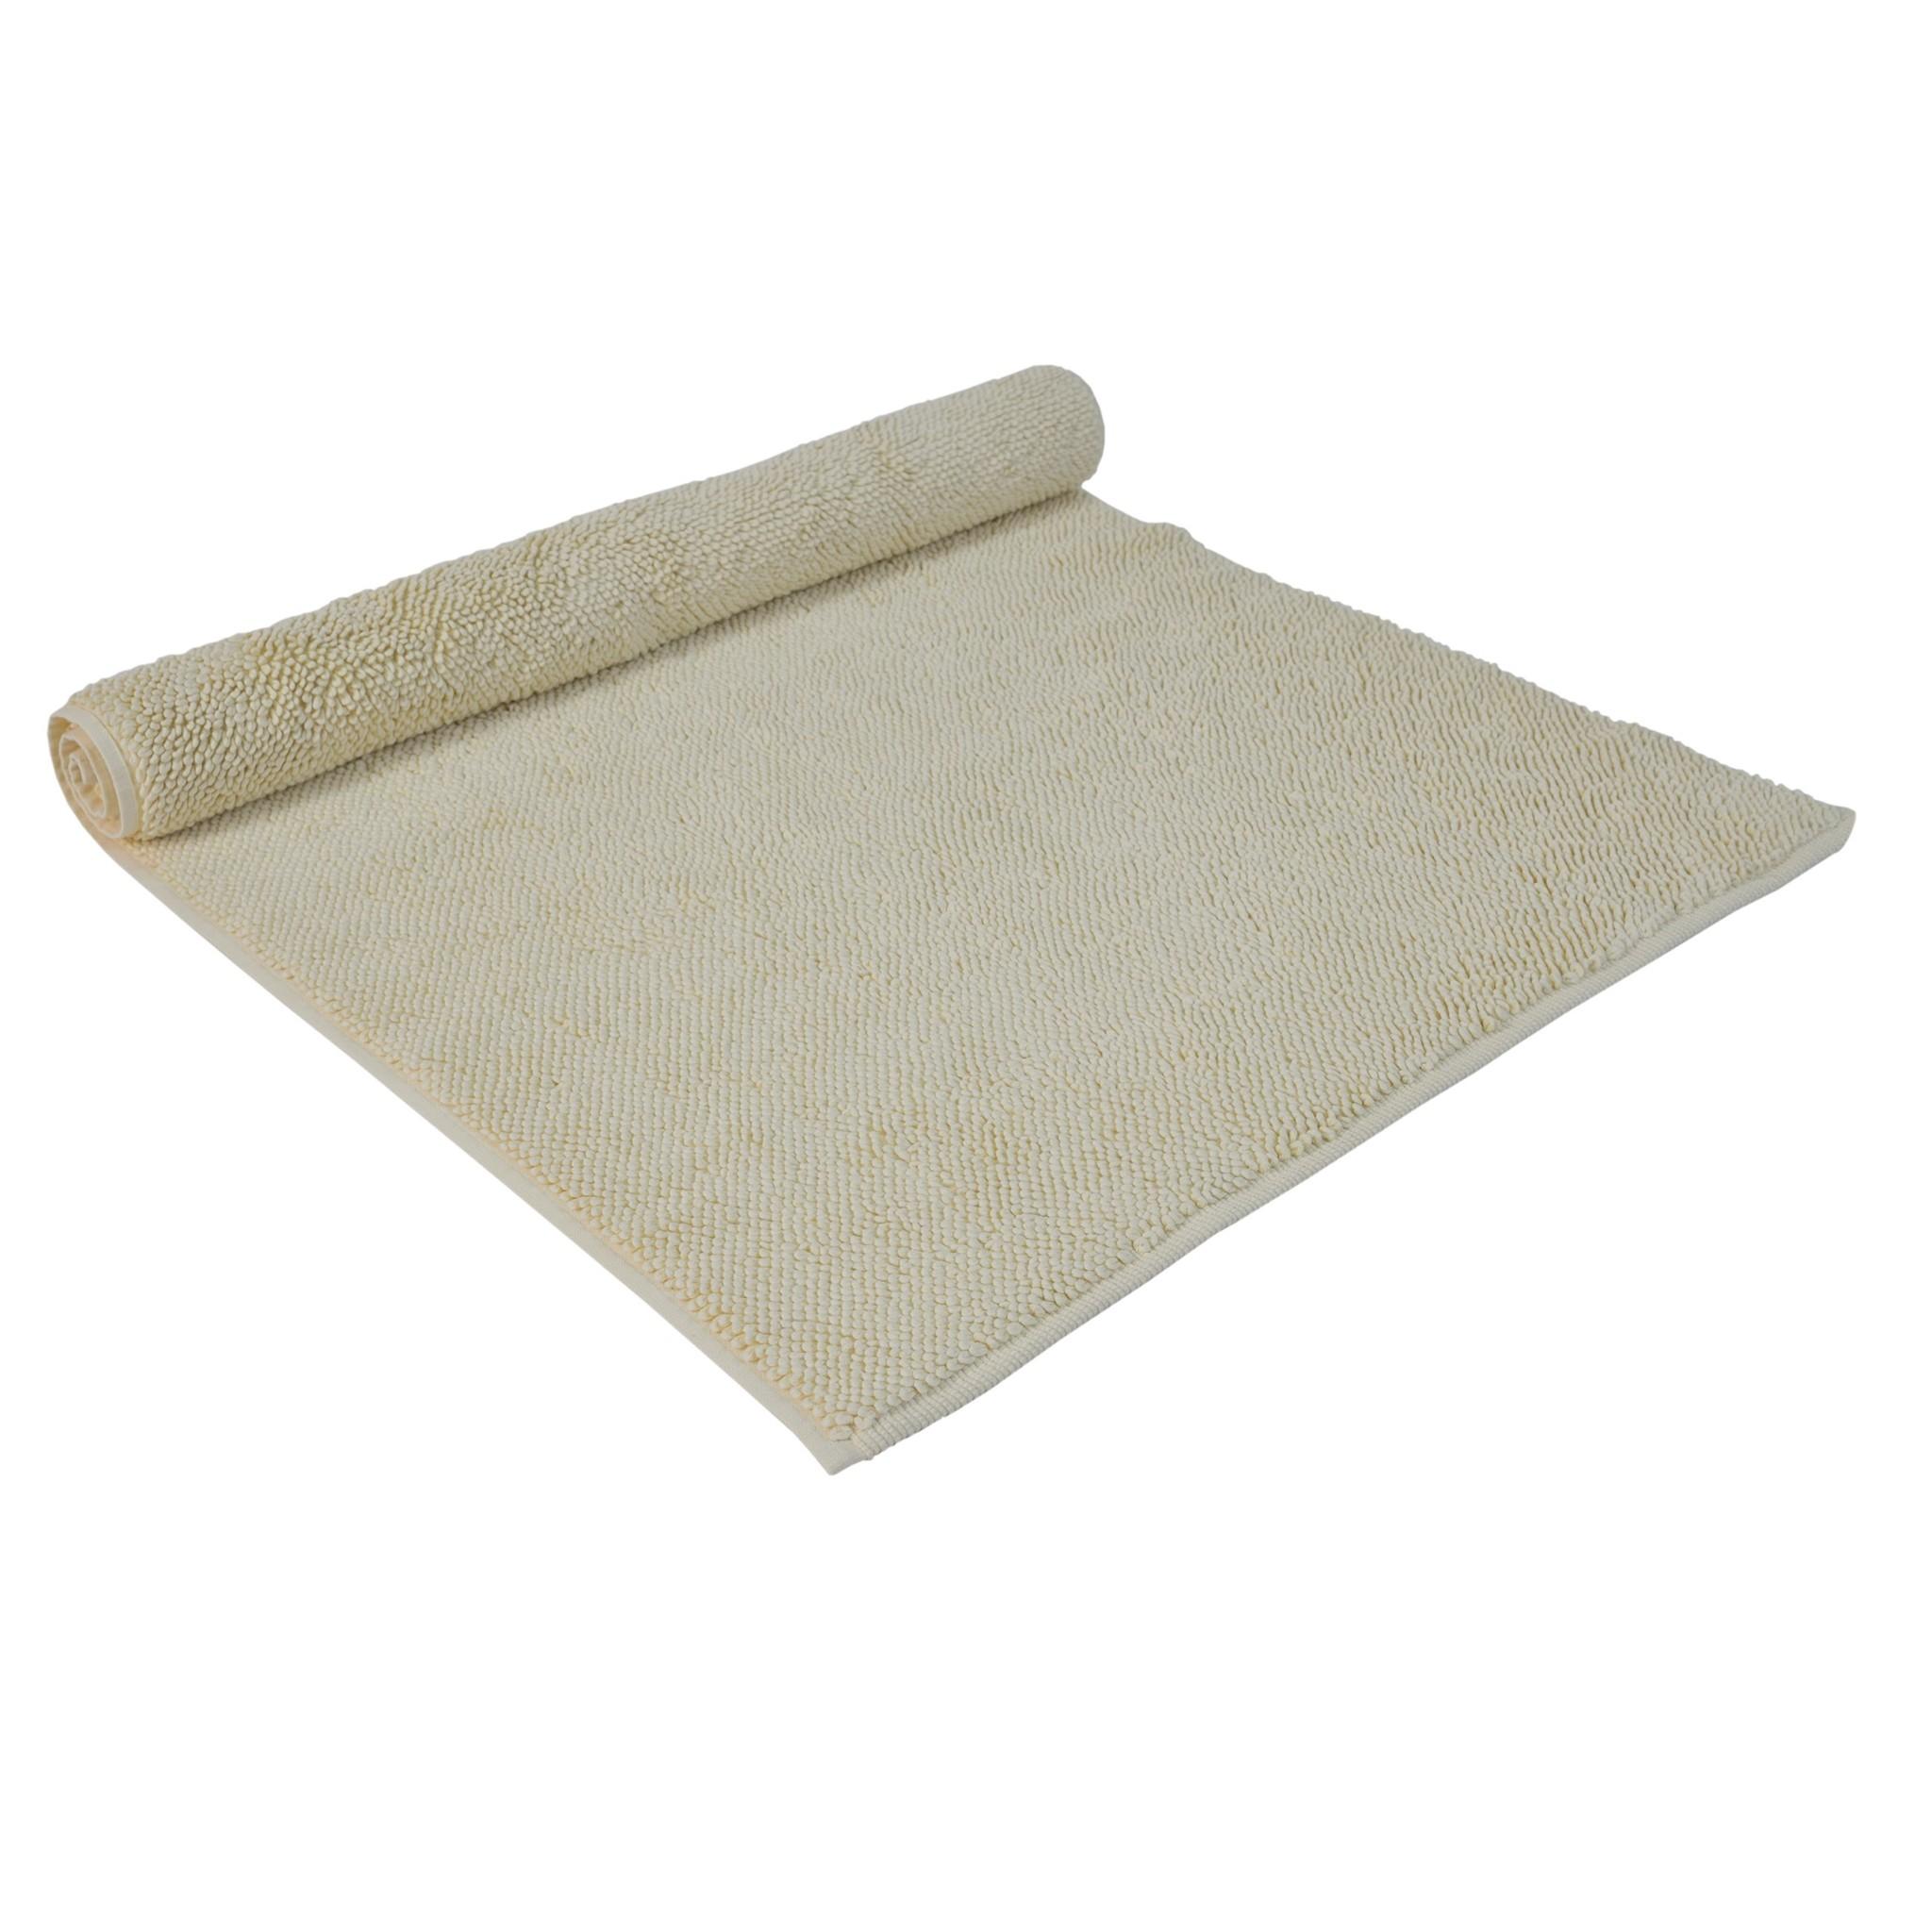 Элитный коврик для ванной Chester слоновая кость от Casual Avenue